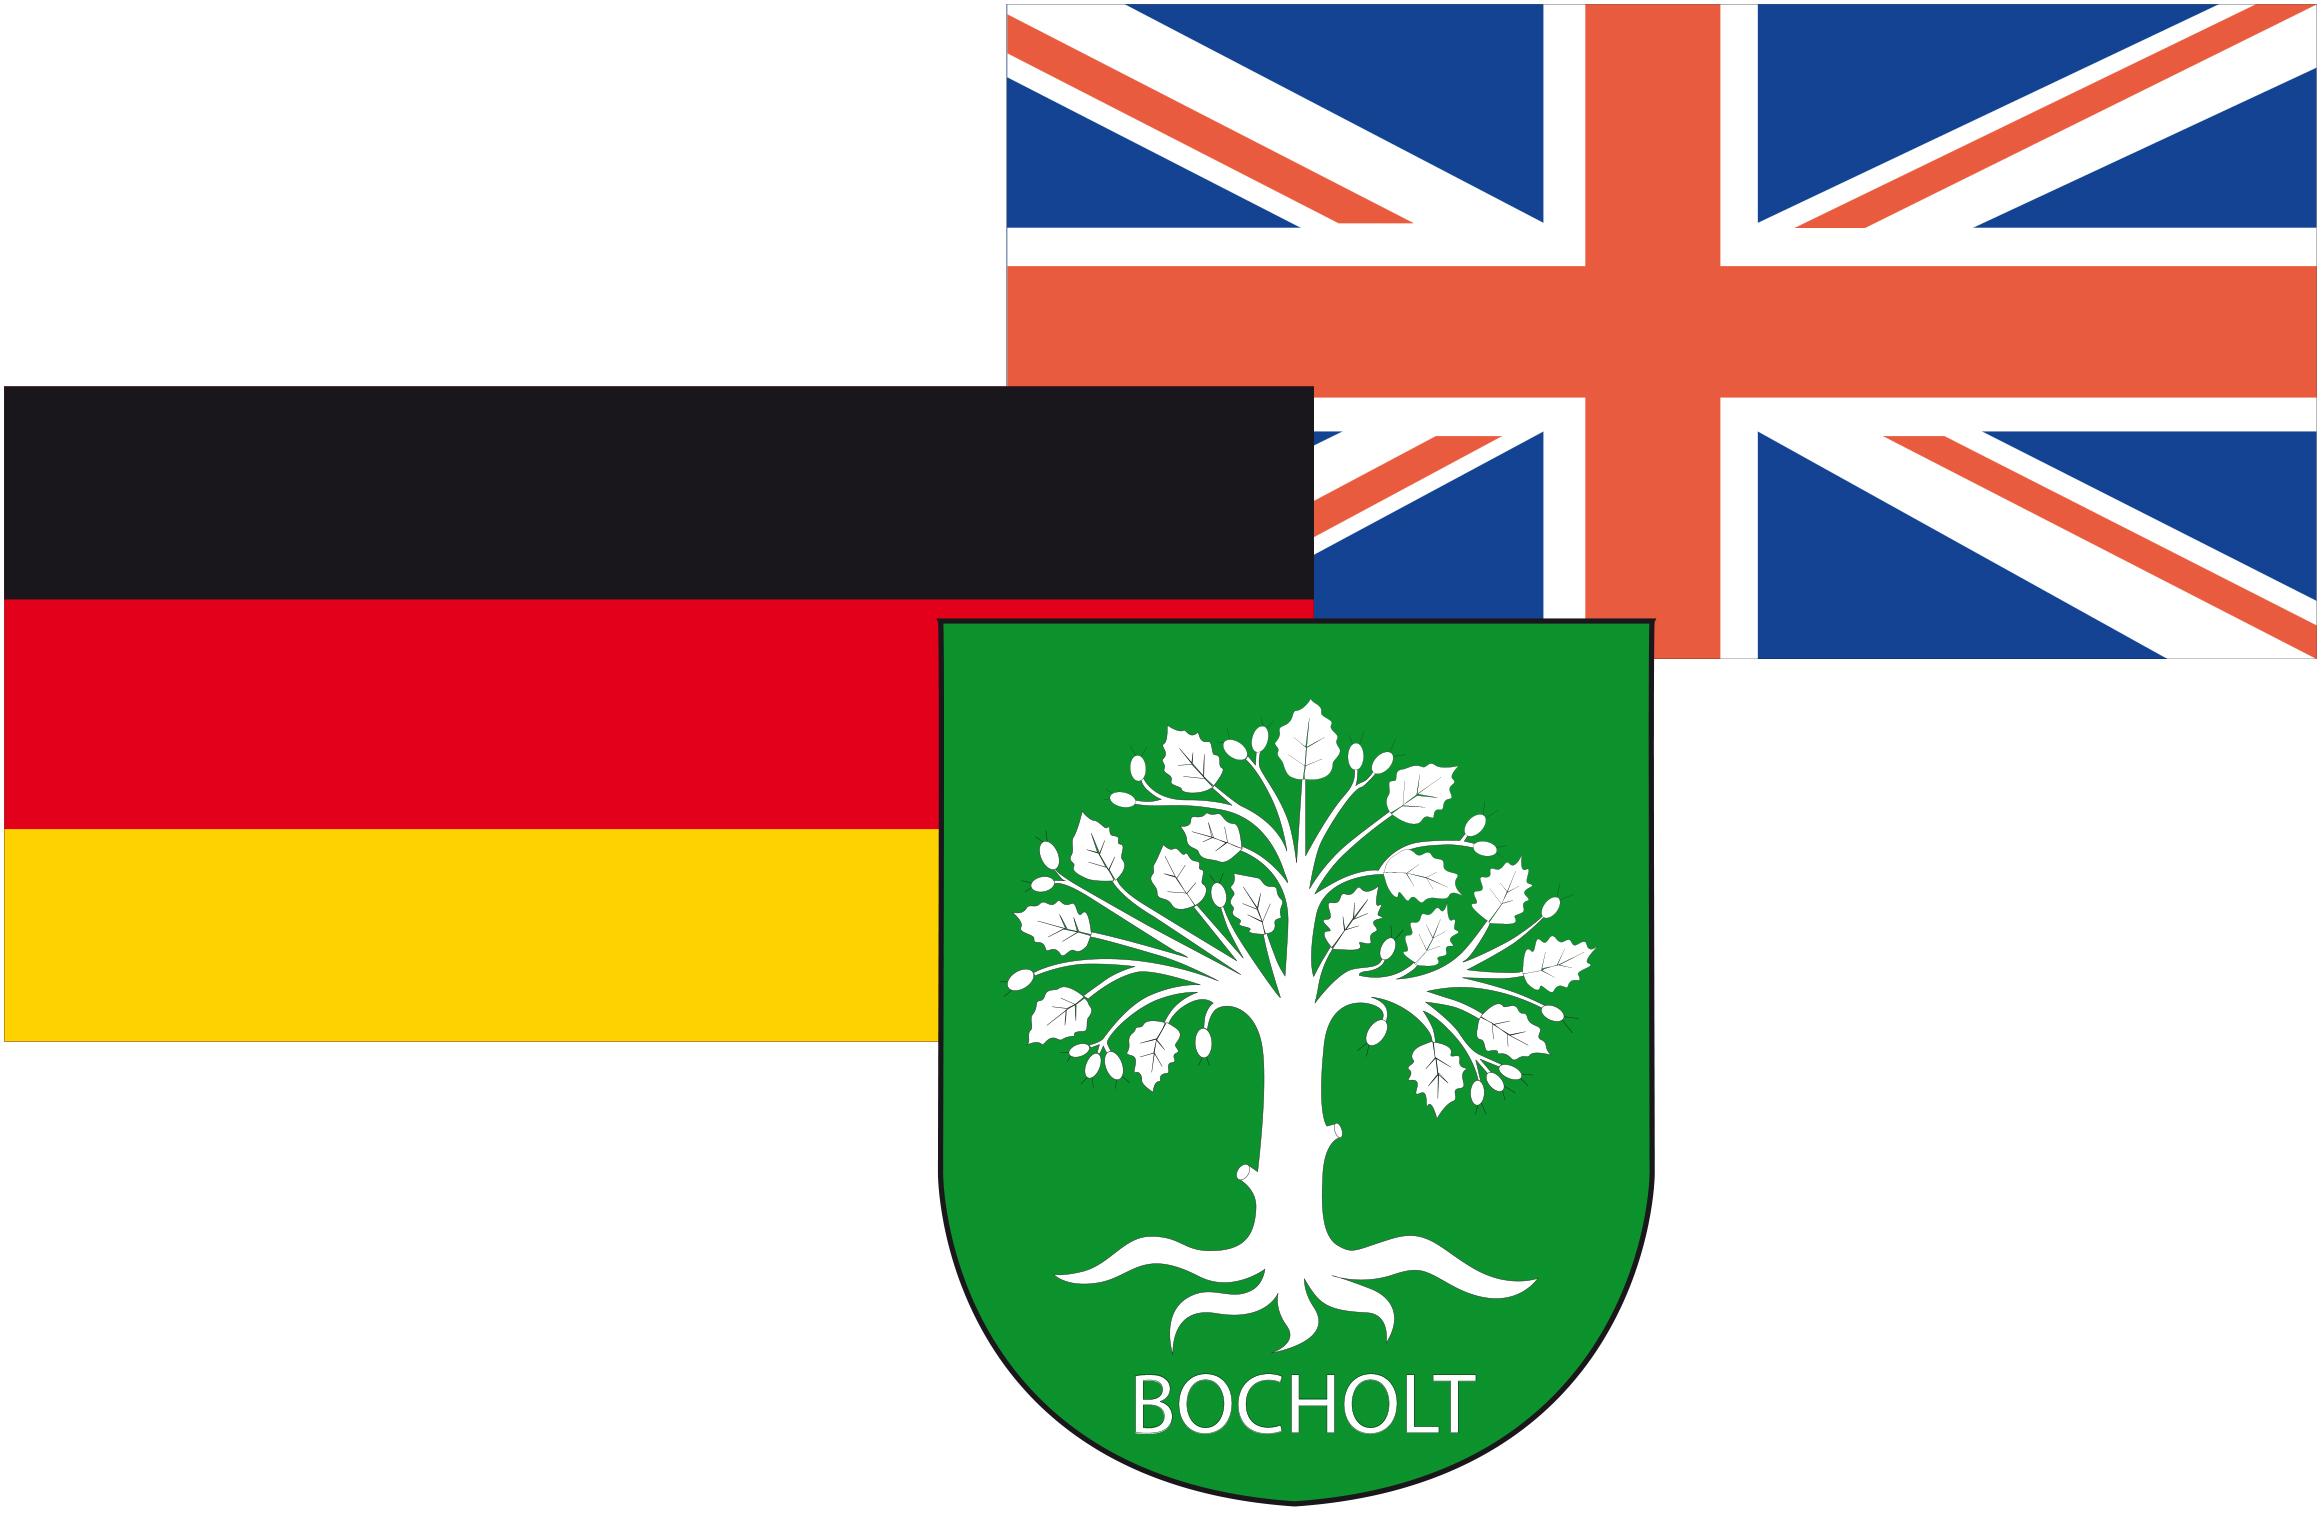 logo_flaggen_wappen_boh_mit_schriftzug